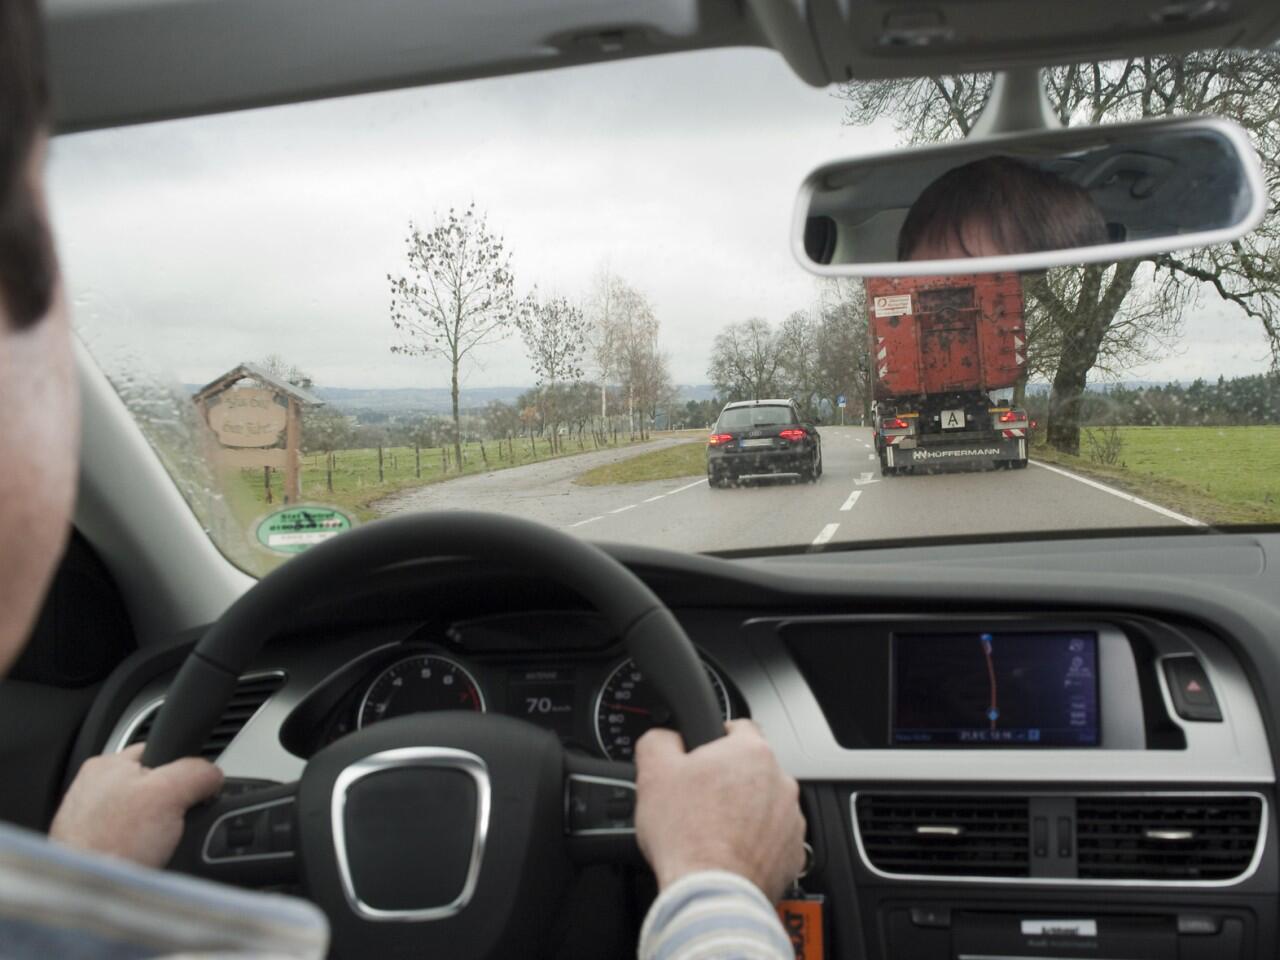 Bild zu Überholen auf Landstraßen: Häufige Ursache schwerer Unfälle